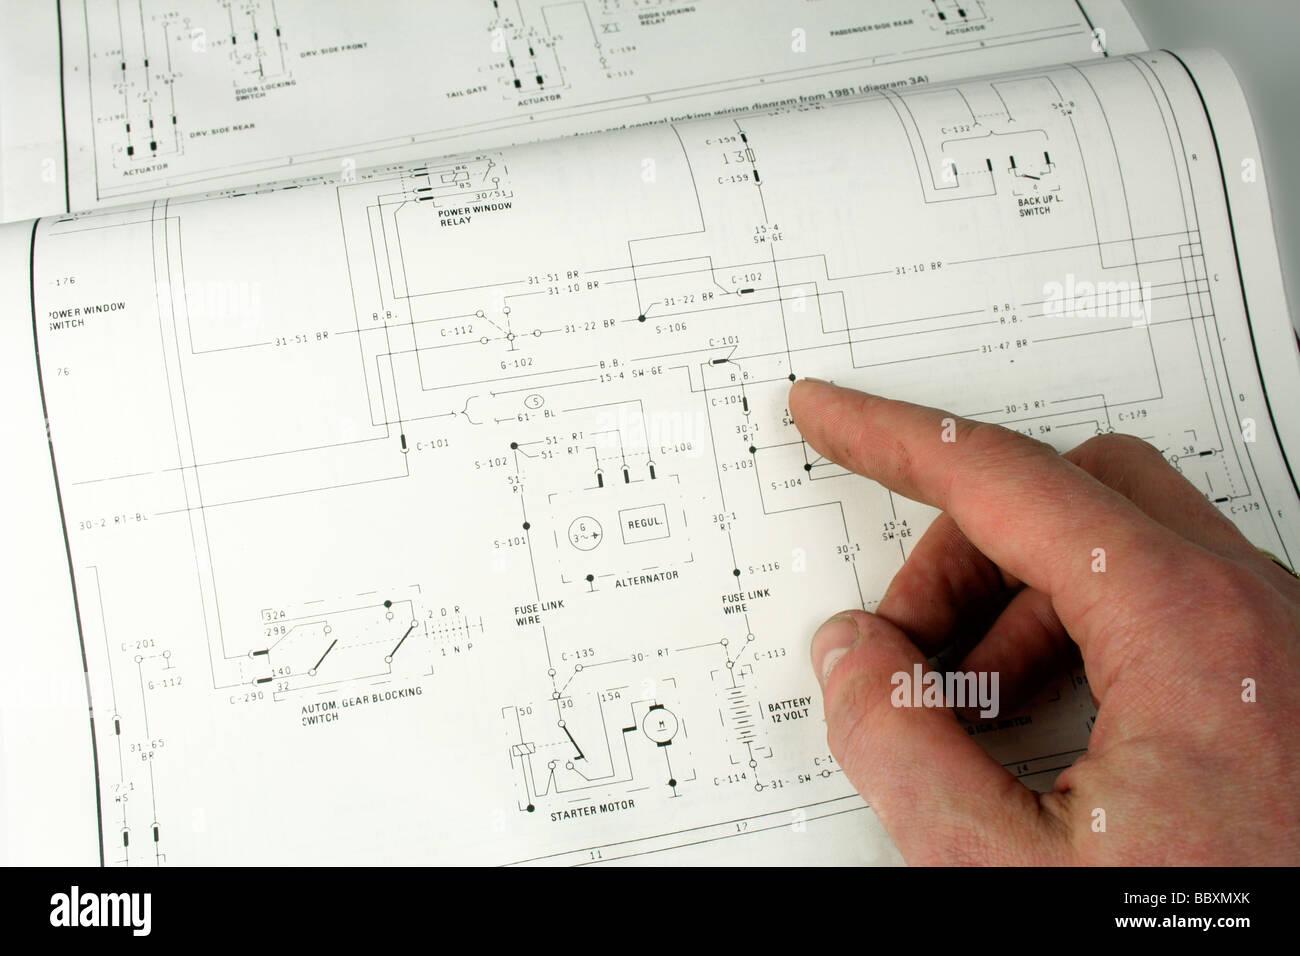 Schema Elettrico : L uomo con riferimento a schema elettrico foto immagine stock